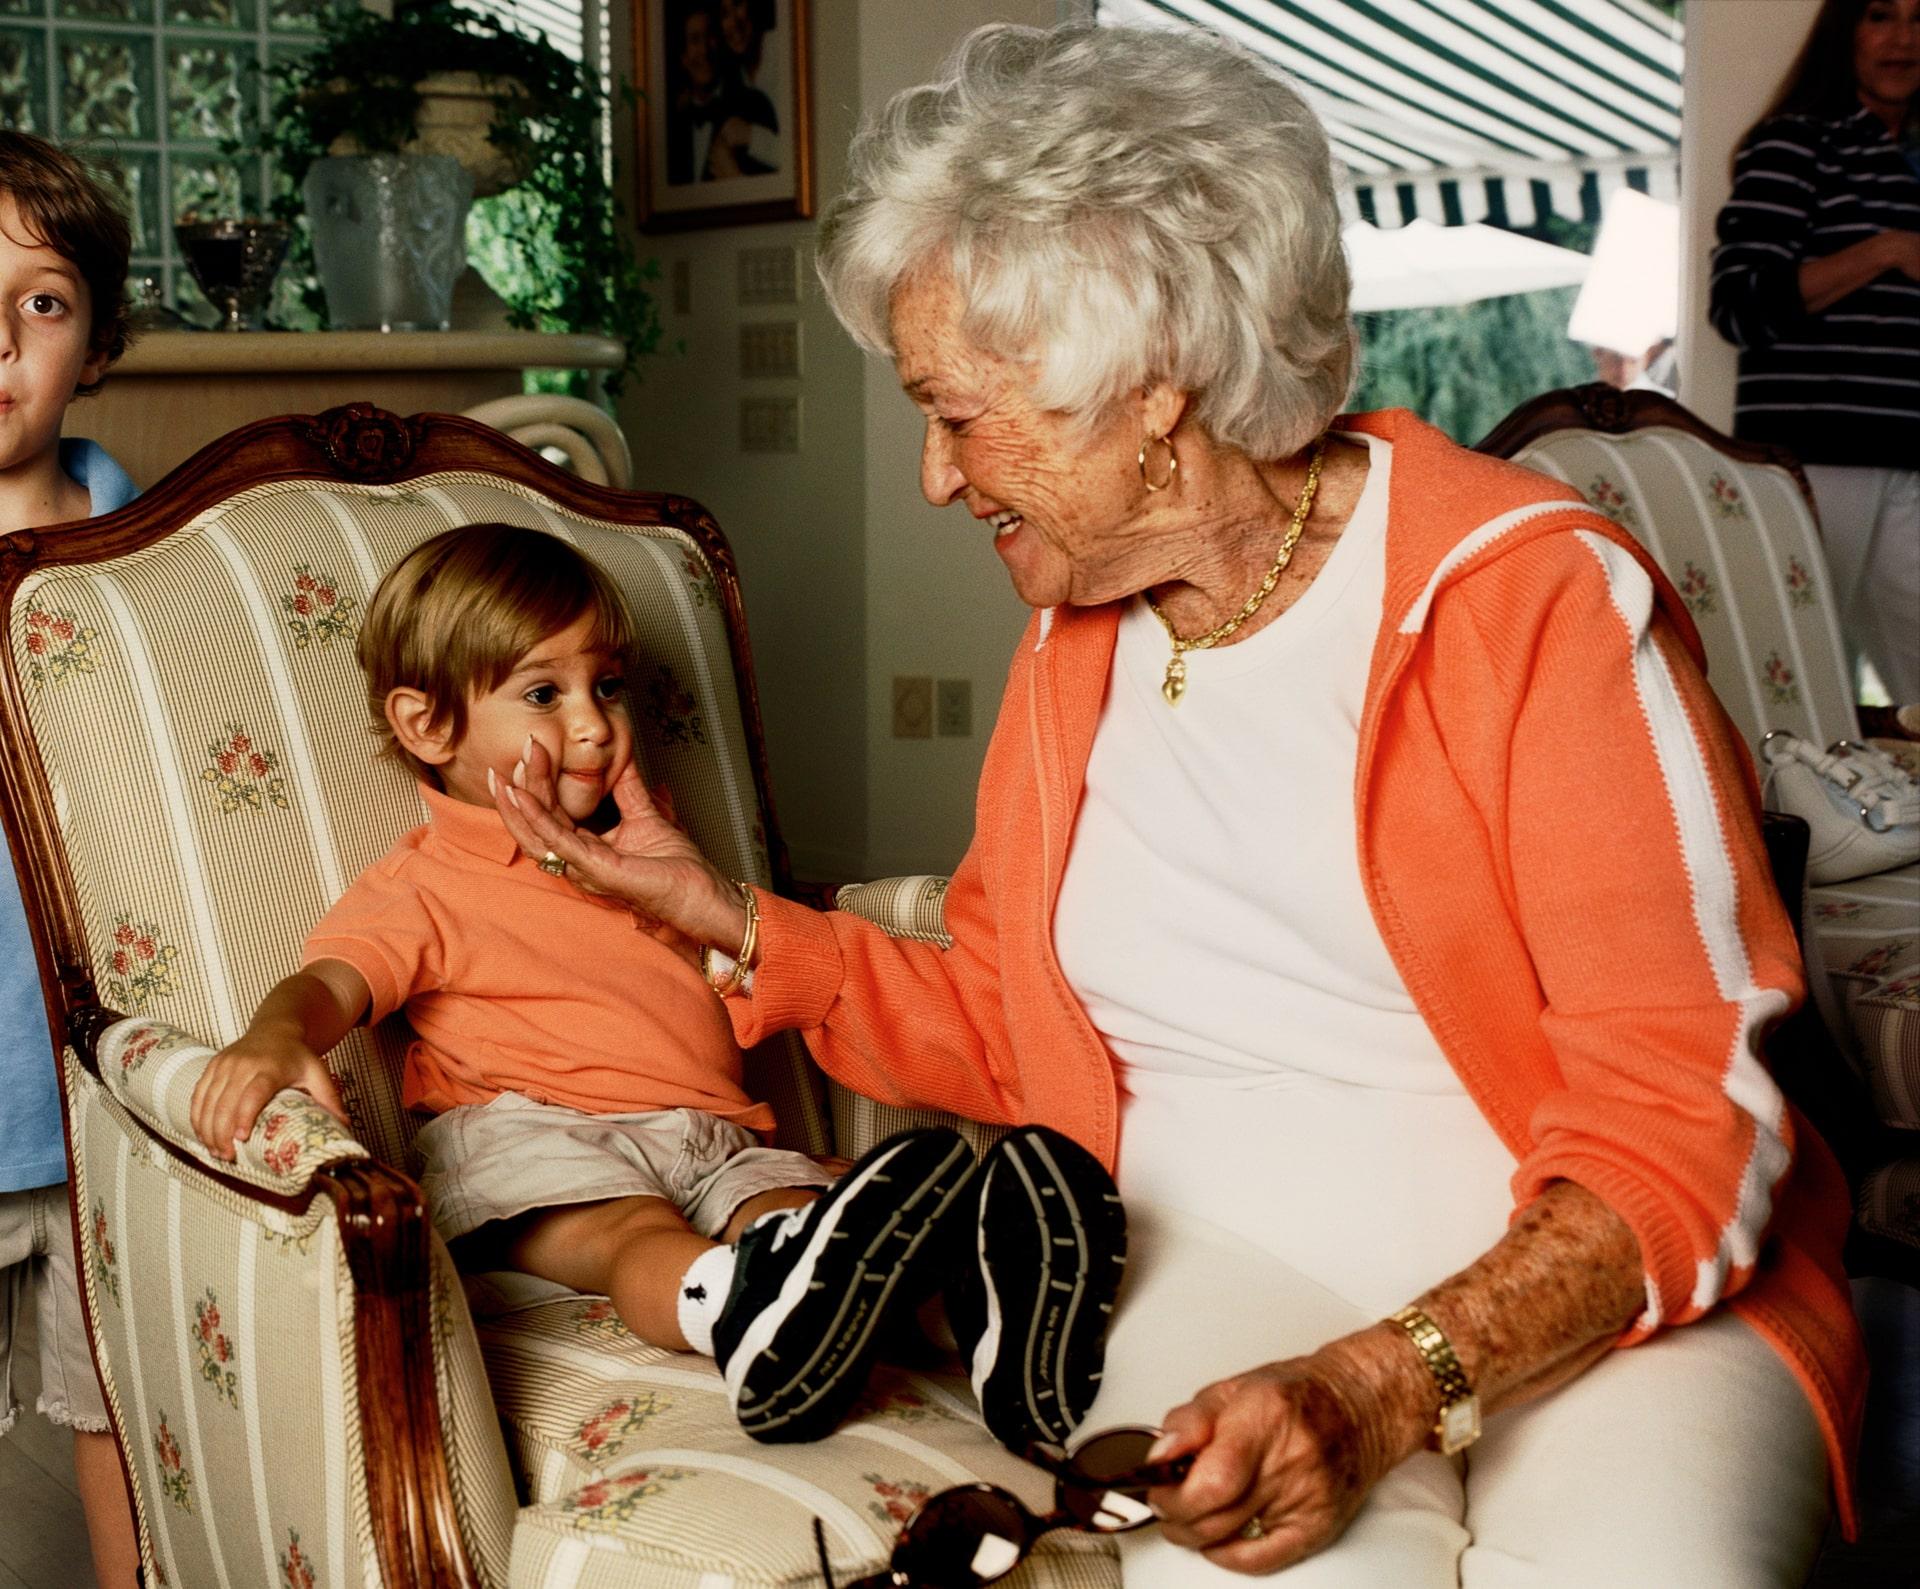 Grandma pinching Nolan's cheeks, Chappaqua, NY 2005